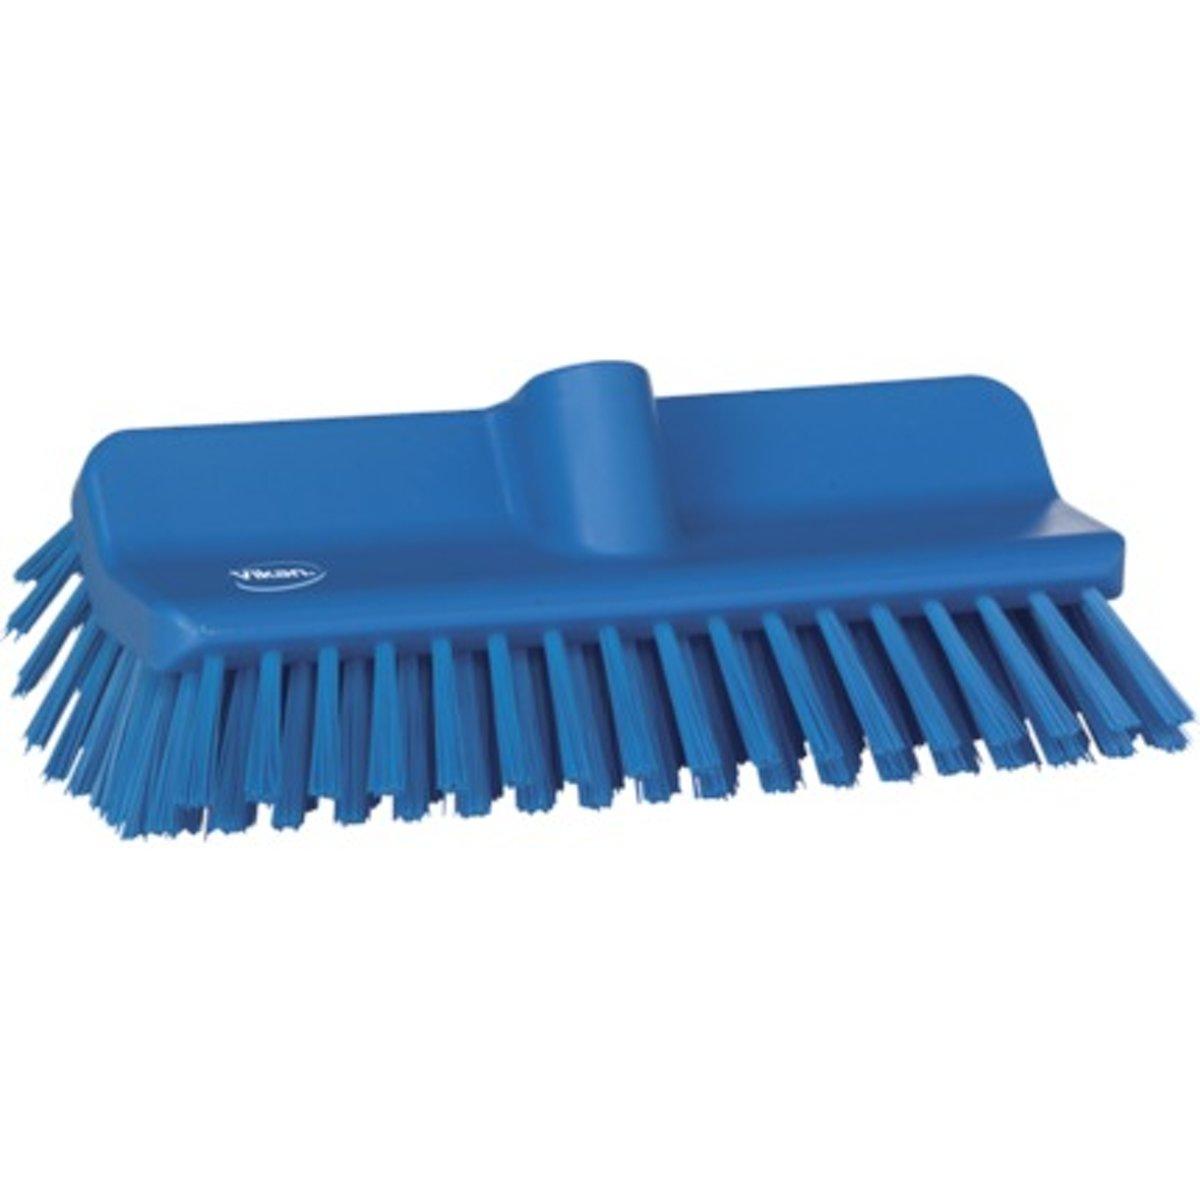 Vikan Hoekschrobber met medium harde polyester vezels blauw - 70473